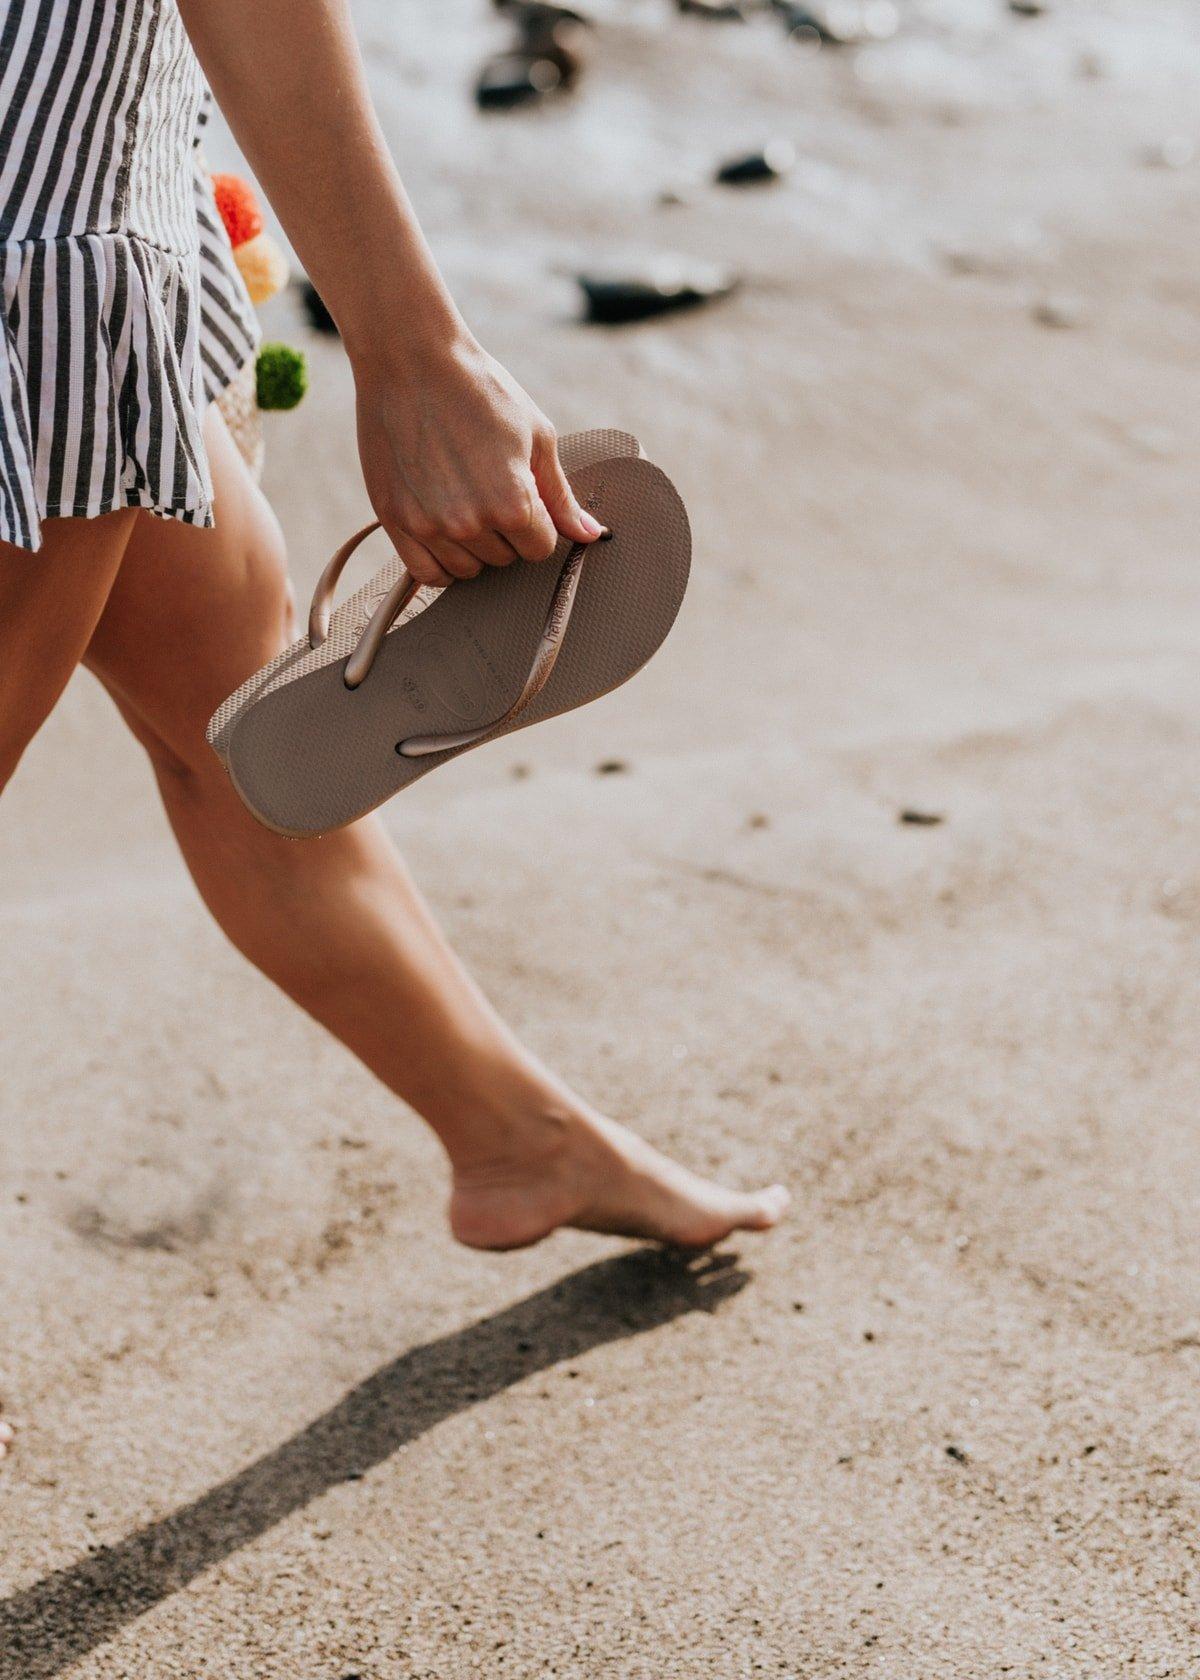 havaianas flip flops nordstrom shoes